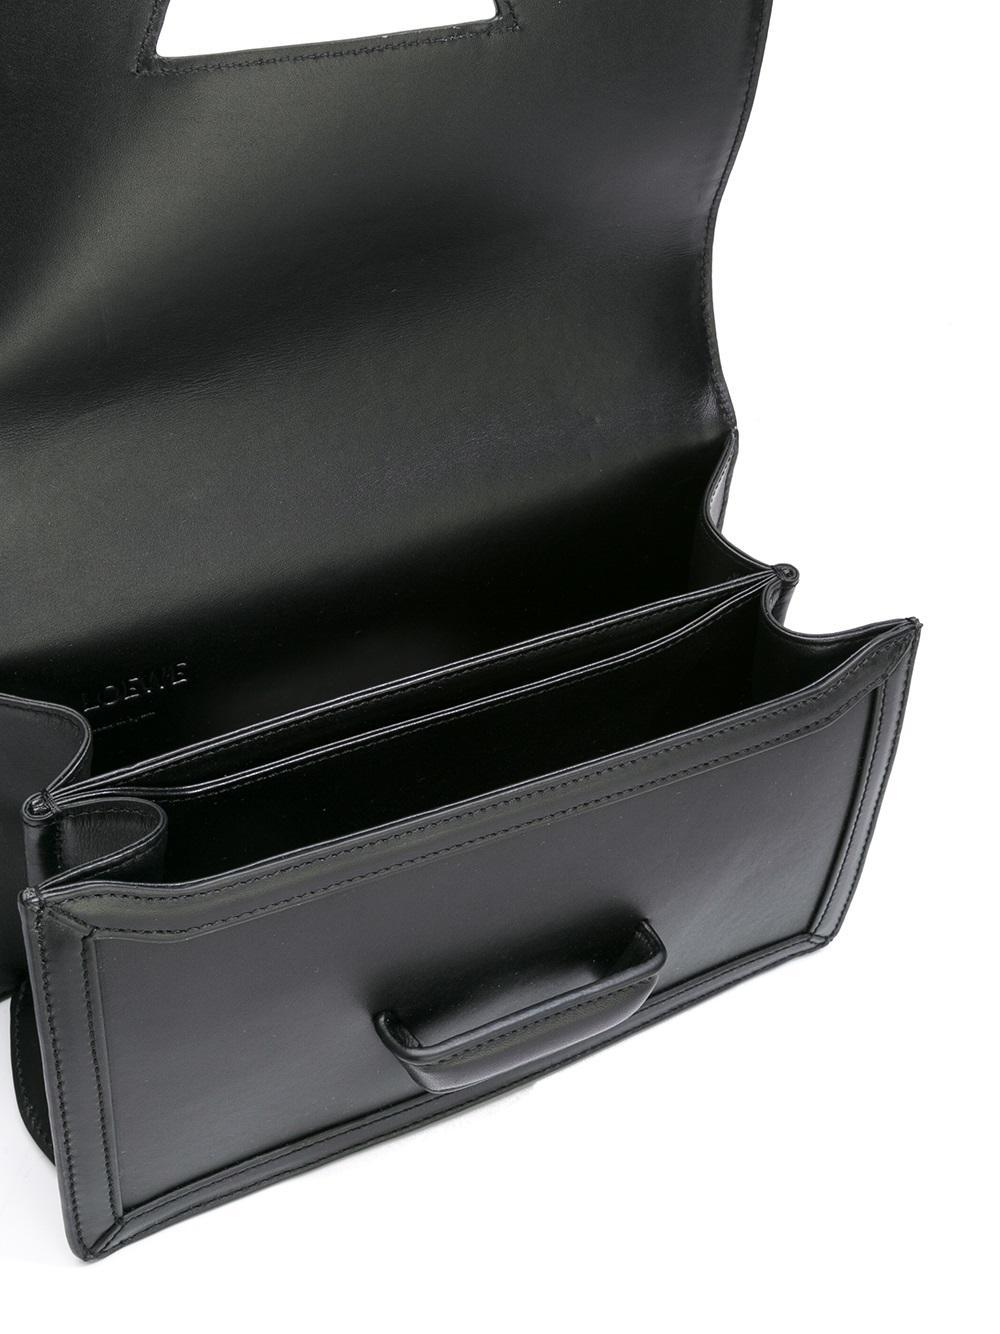 Loewe Leather Barcelona Shoulder Bag in Black